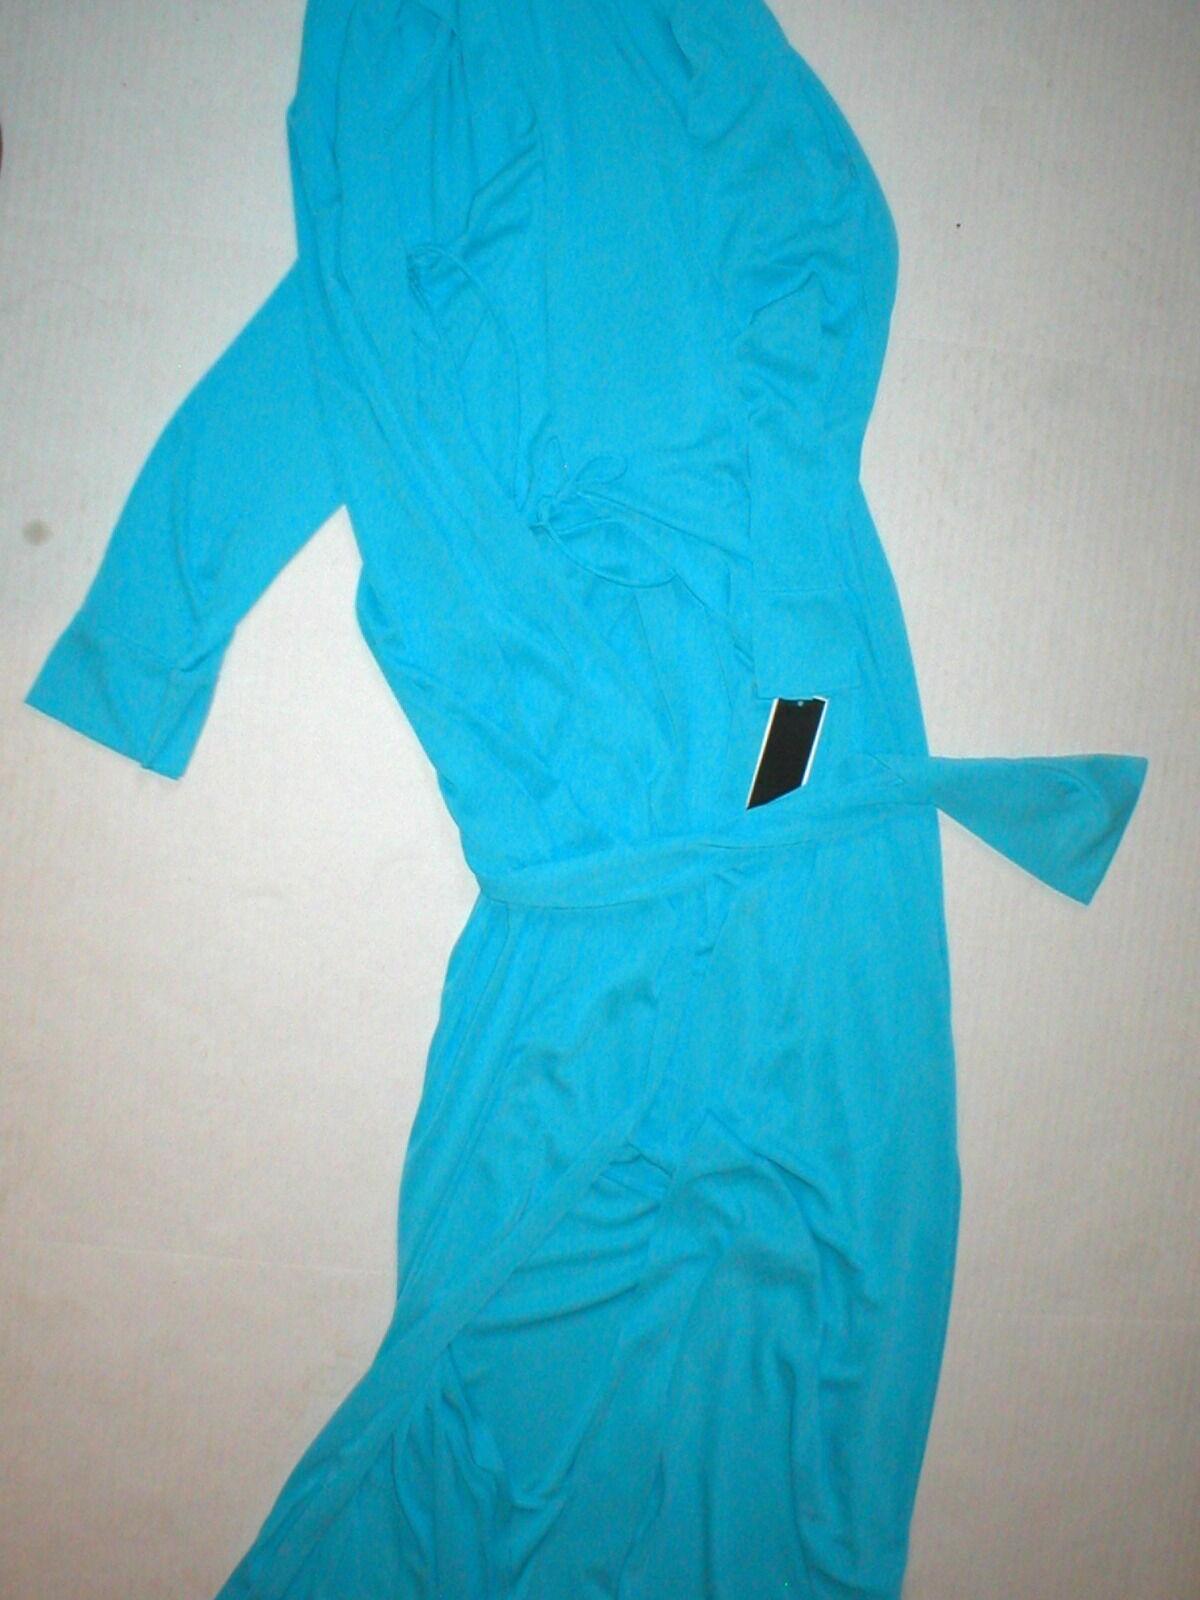 Neuf avec étiquettes NEW Natori Blau Clair Robe Femme XS Long Très Doux Solide soyeux Poche Satin